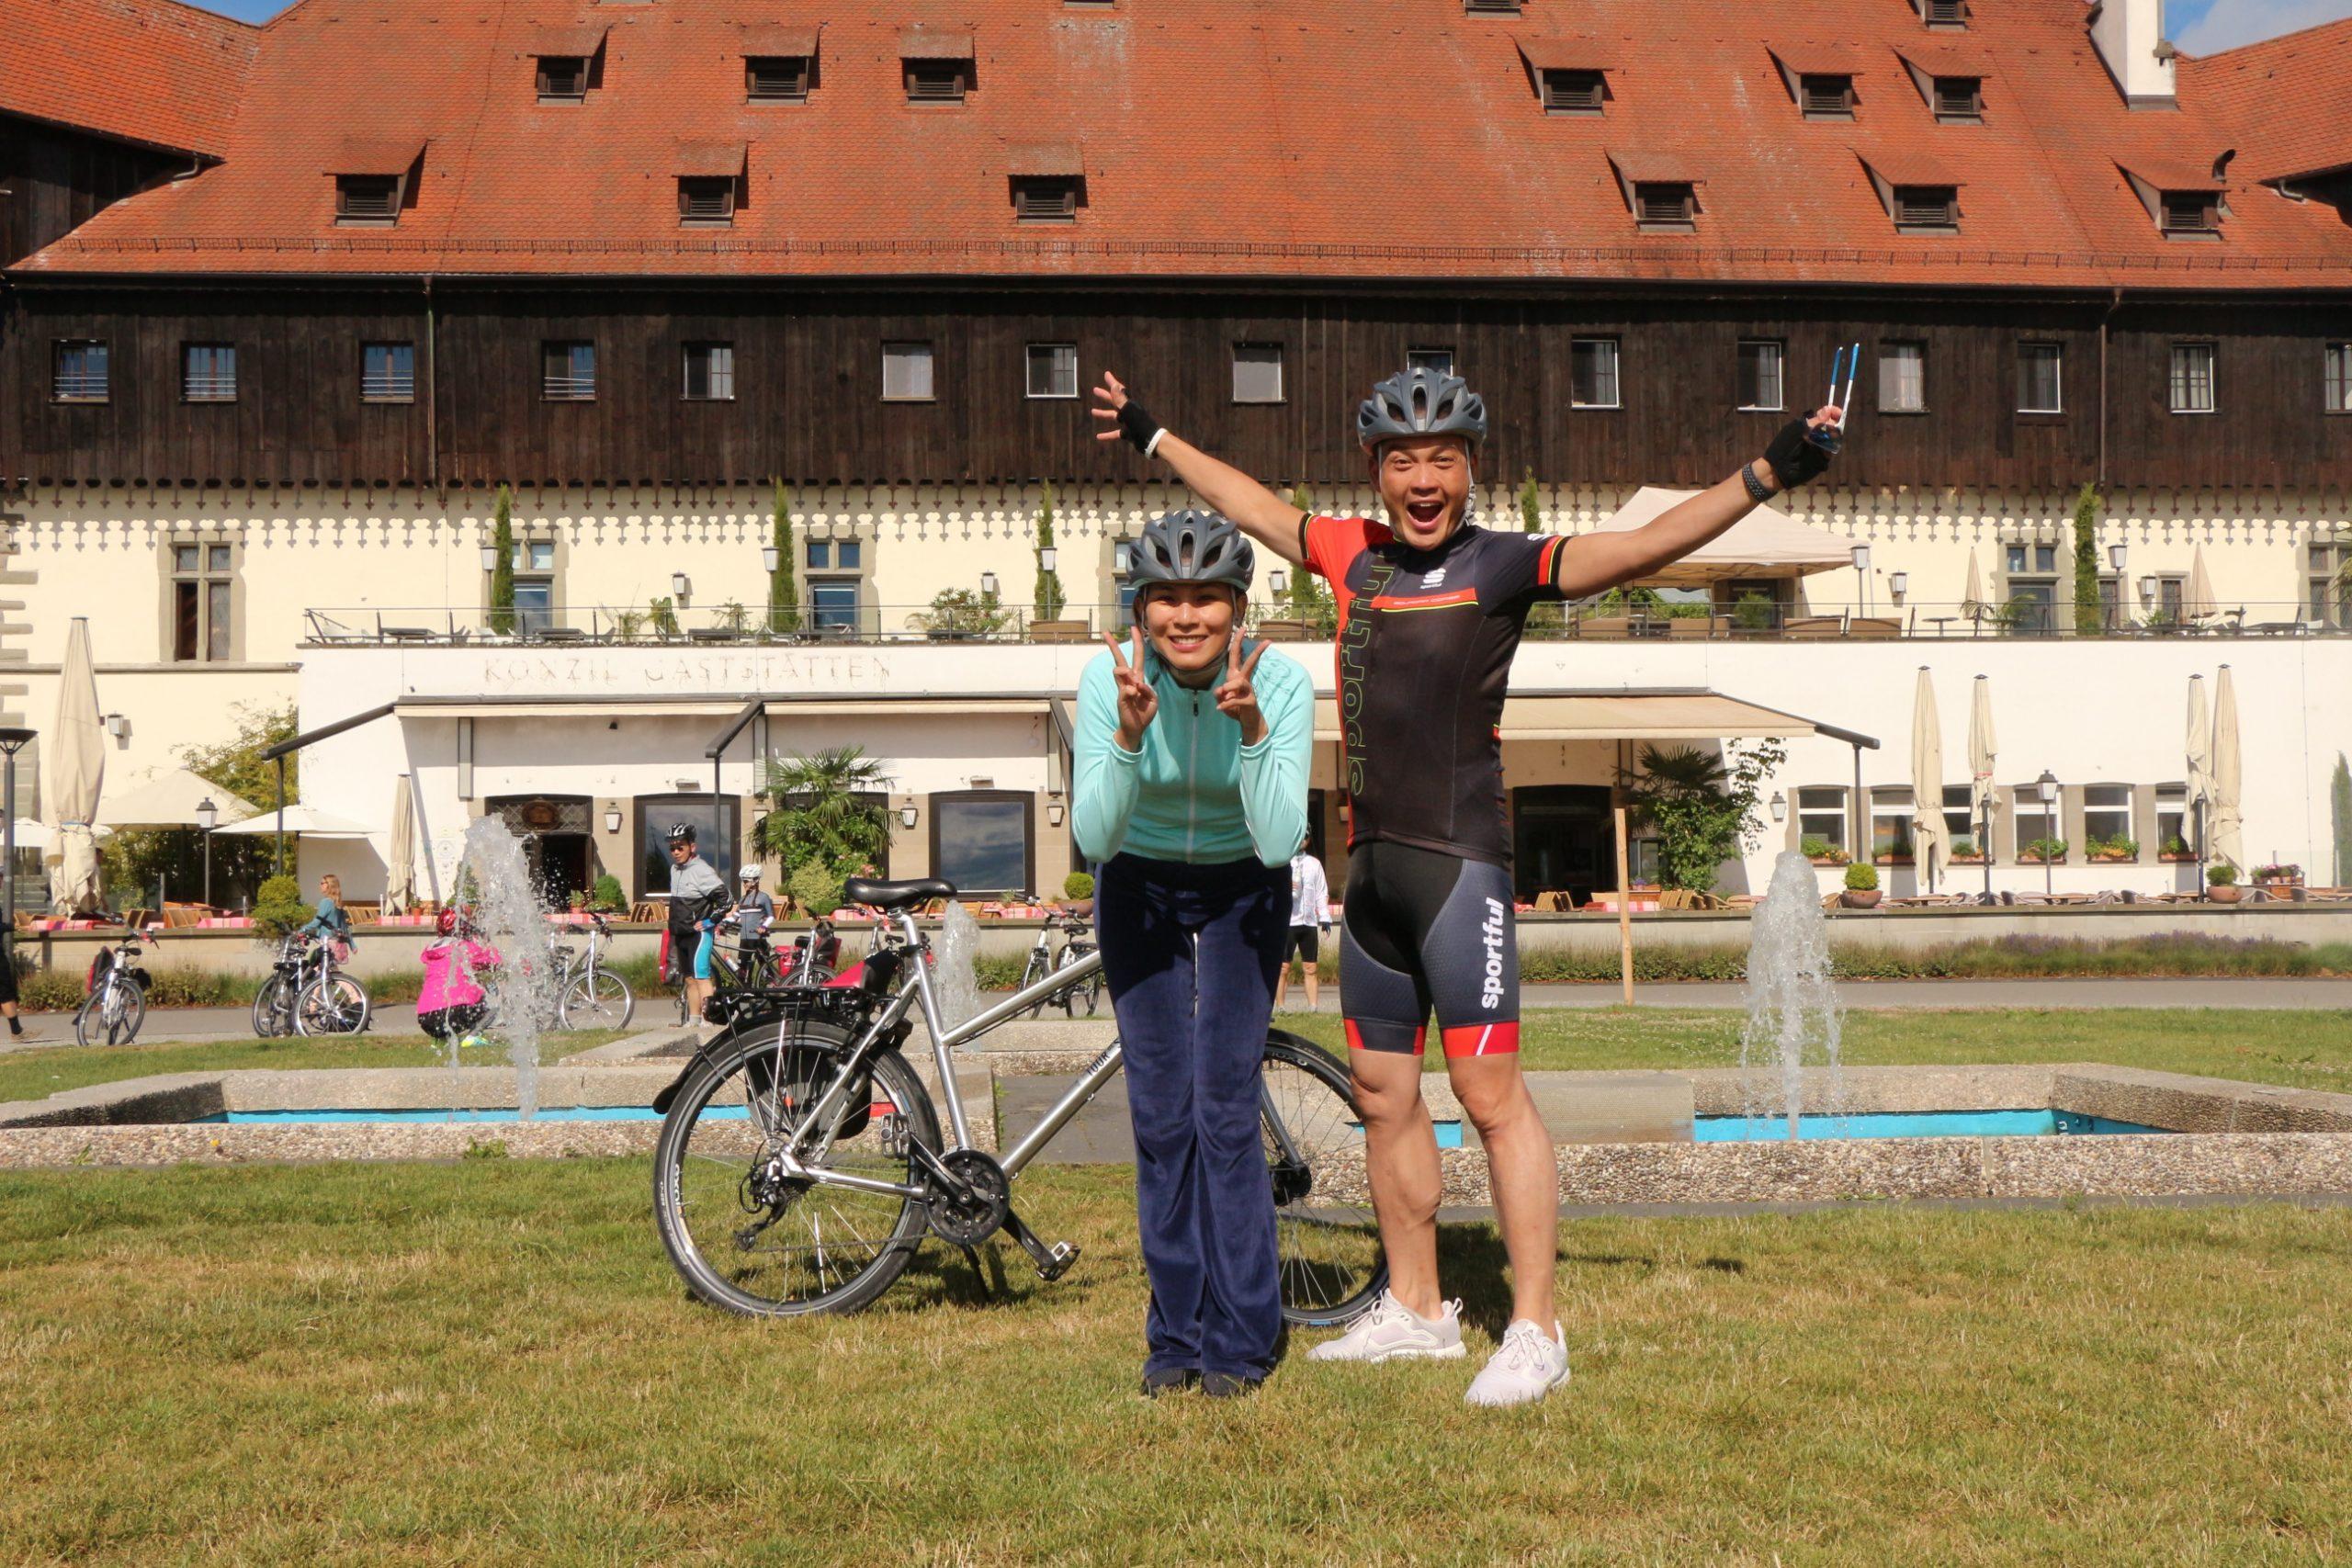 瑞士緣湖8天單車輕鬆遊全新升級版